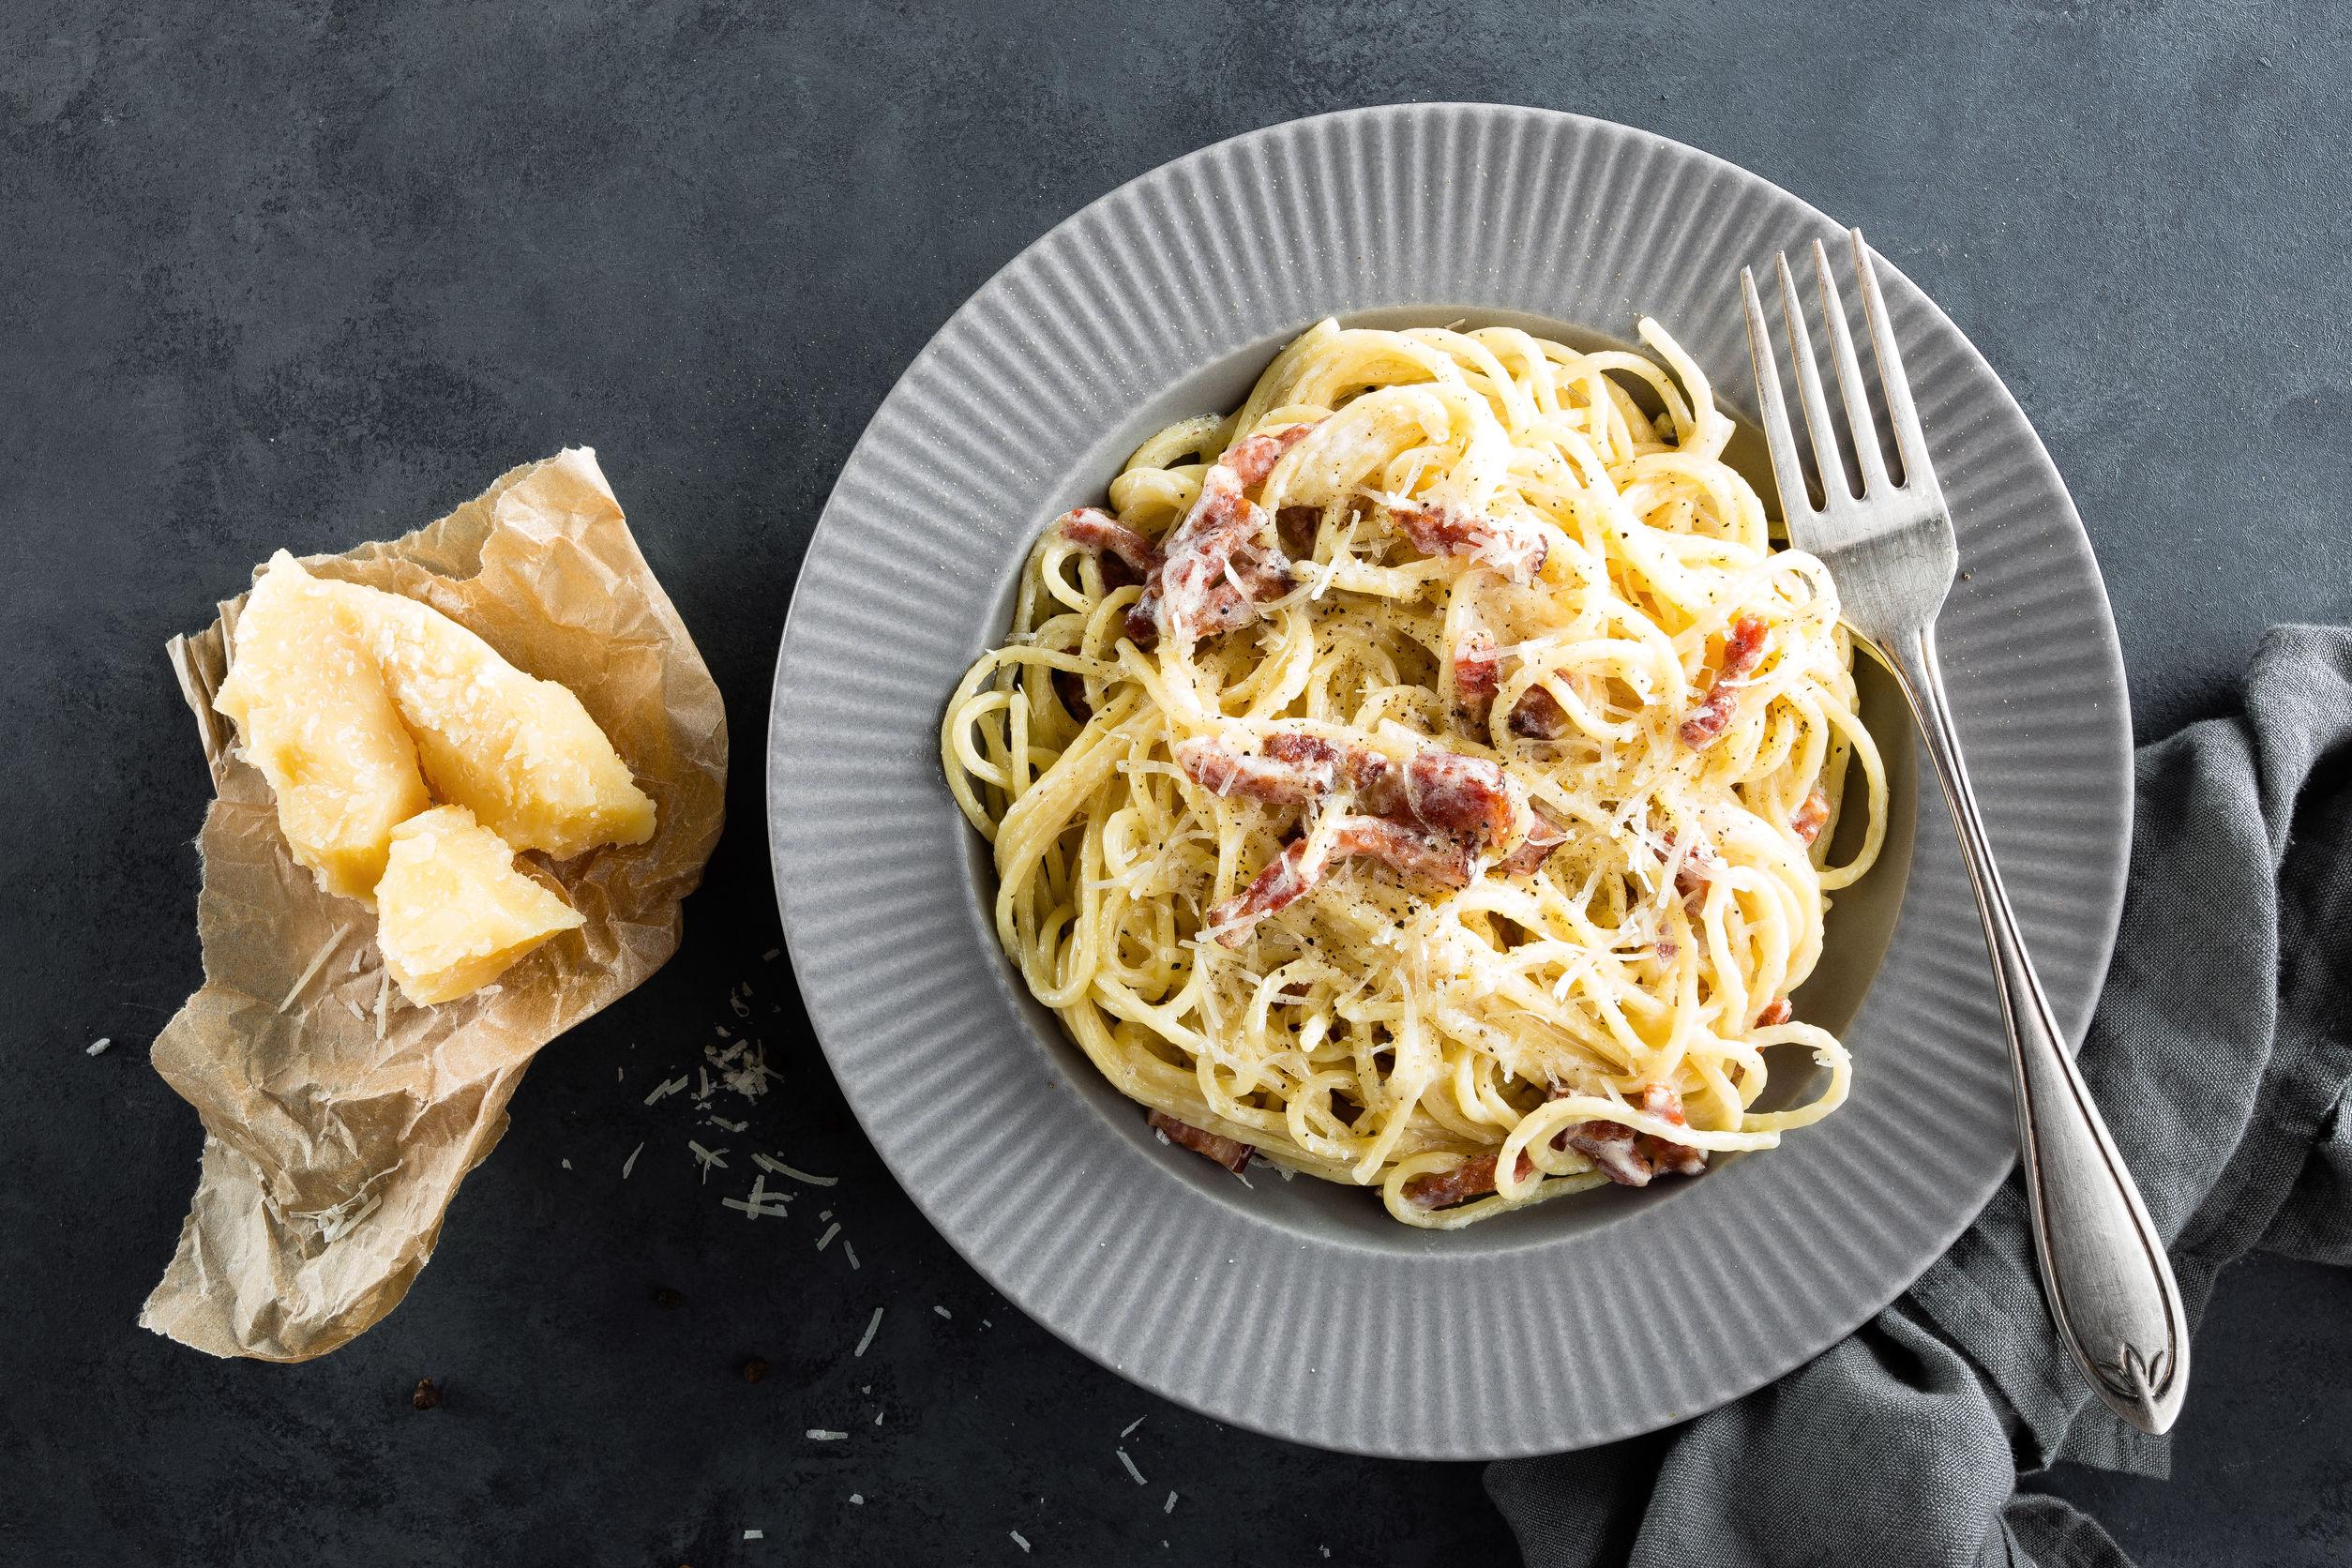 Lunedì 6 aprile la quarta edizione del Carbonara Day. Tutti i produttori di pasta sono invitati a partecipare